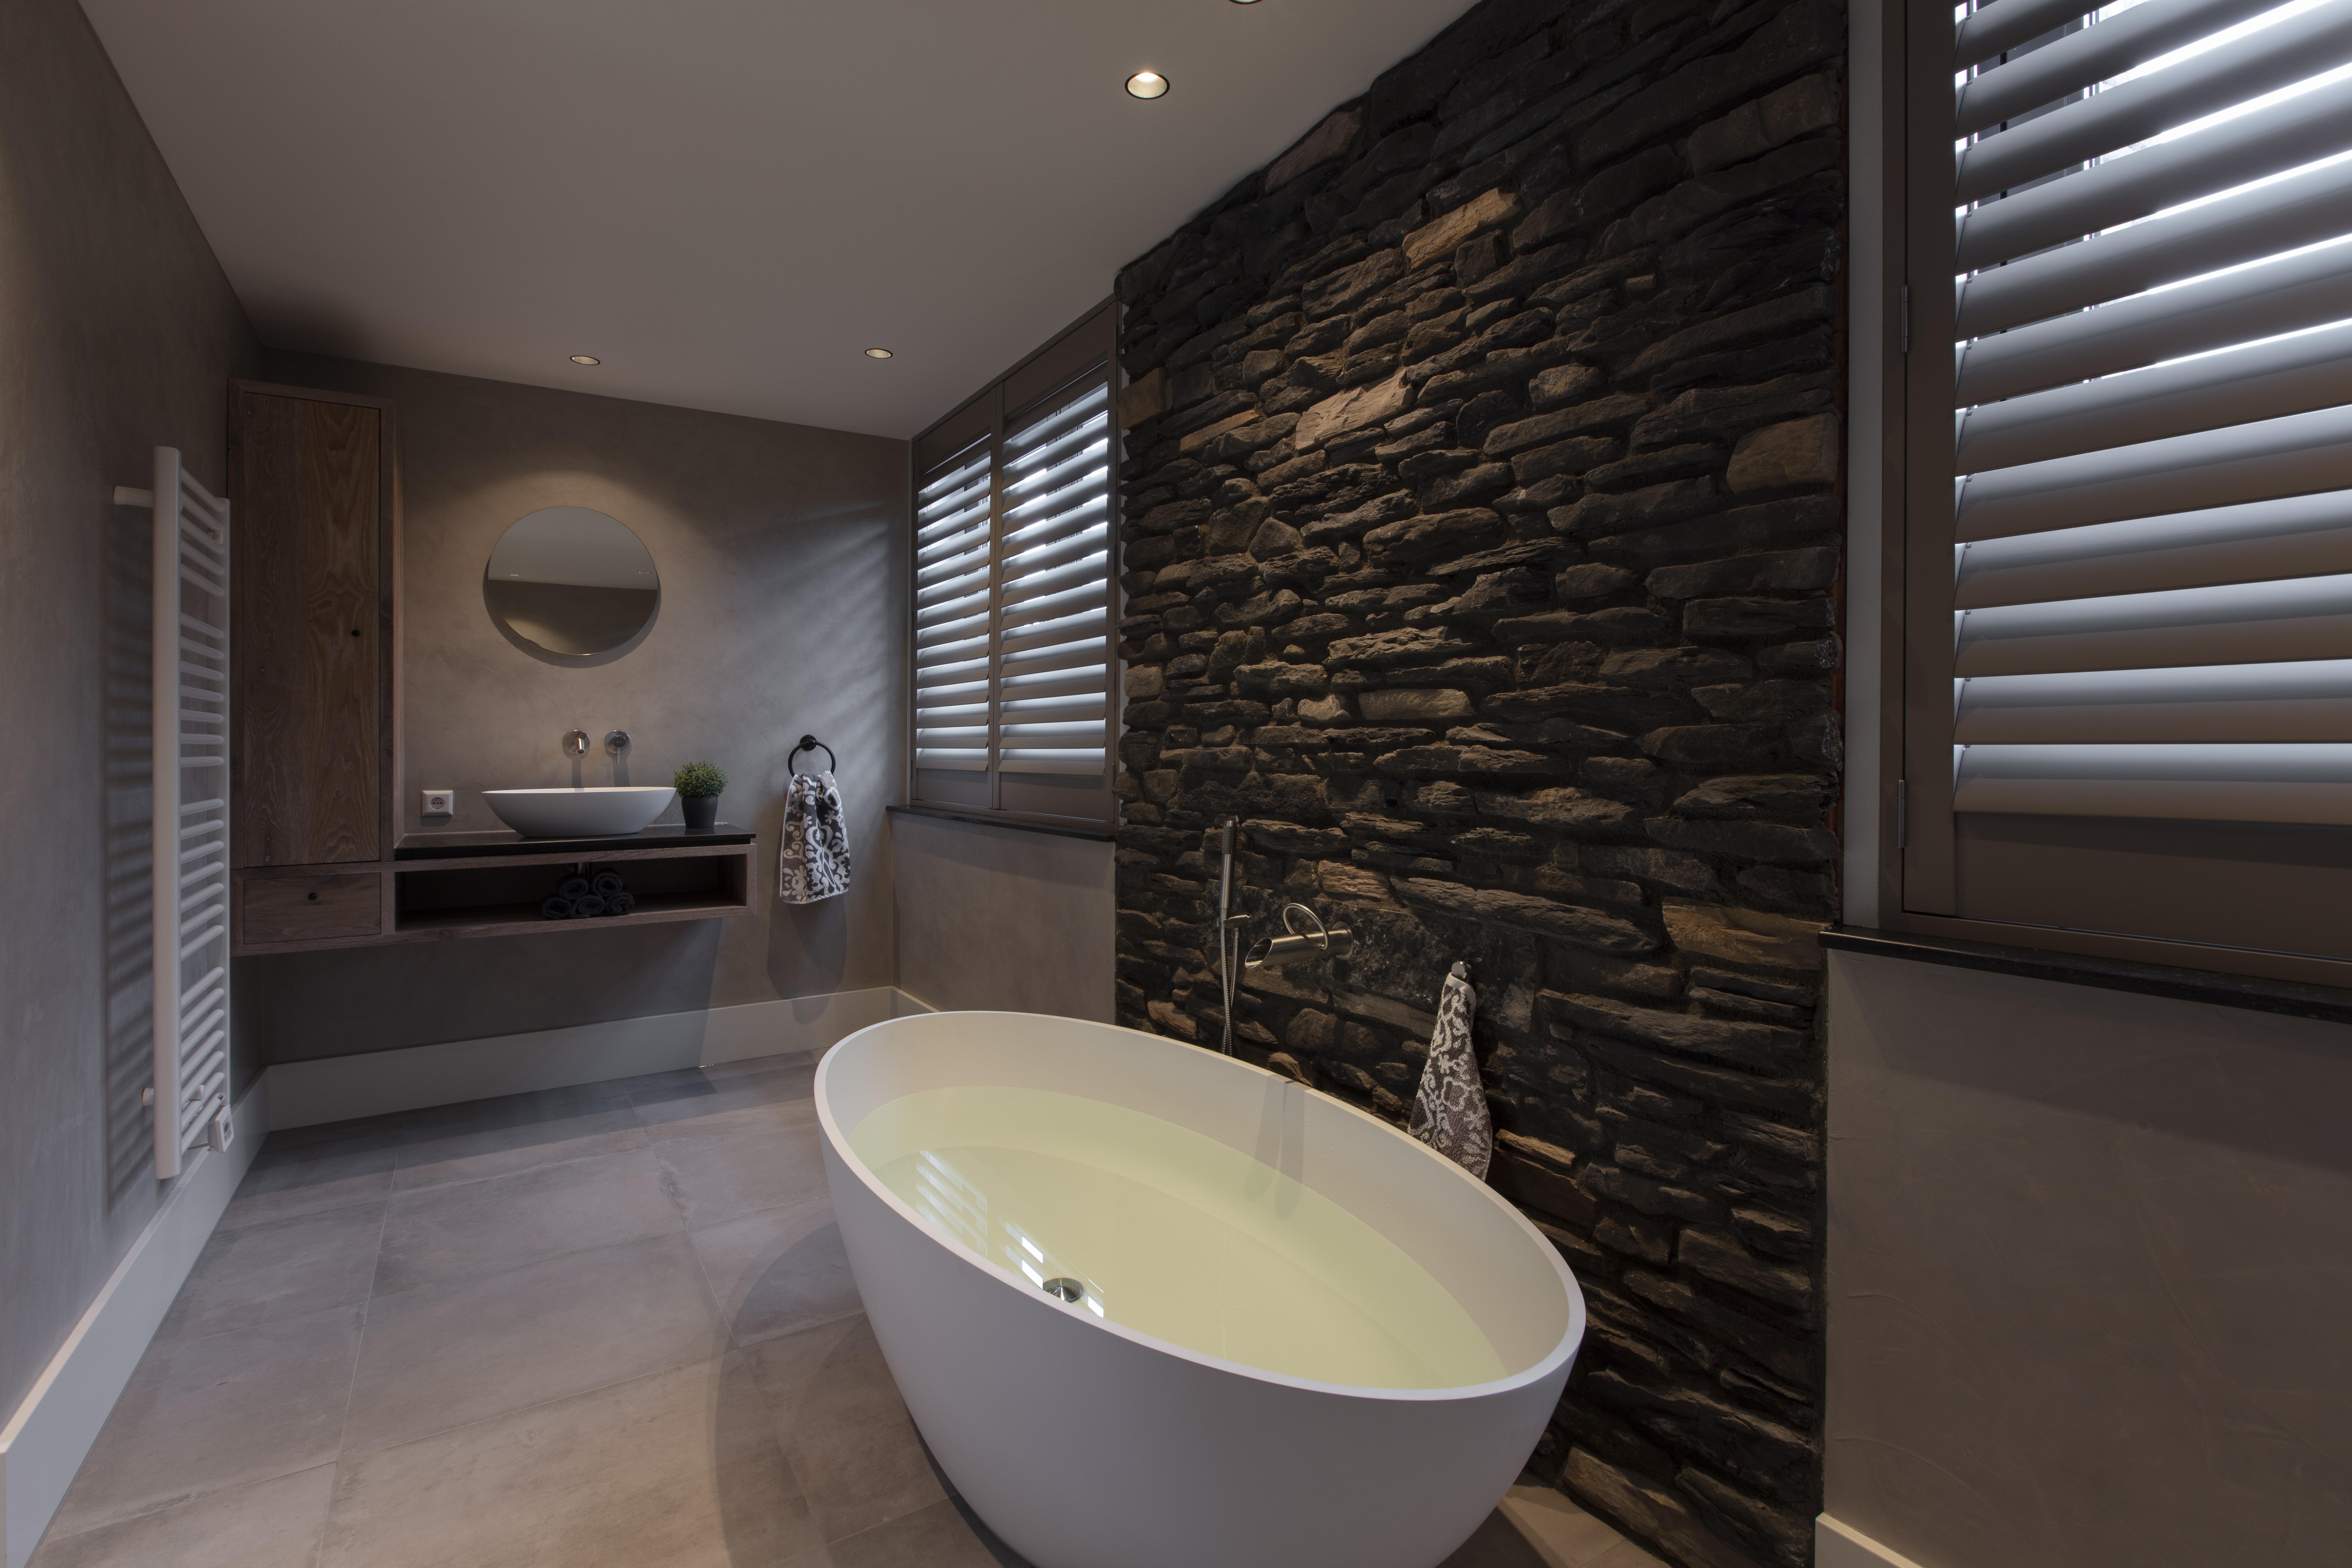 Badkamer Op Maat : Badkamer op maat huisman keukens en sanitair